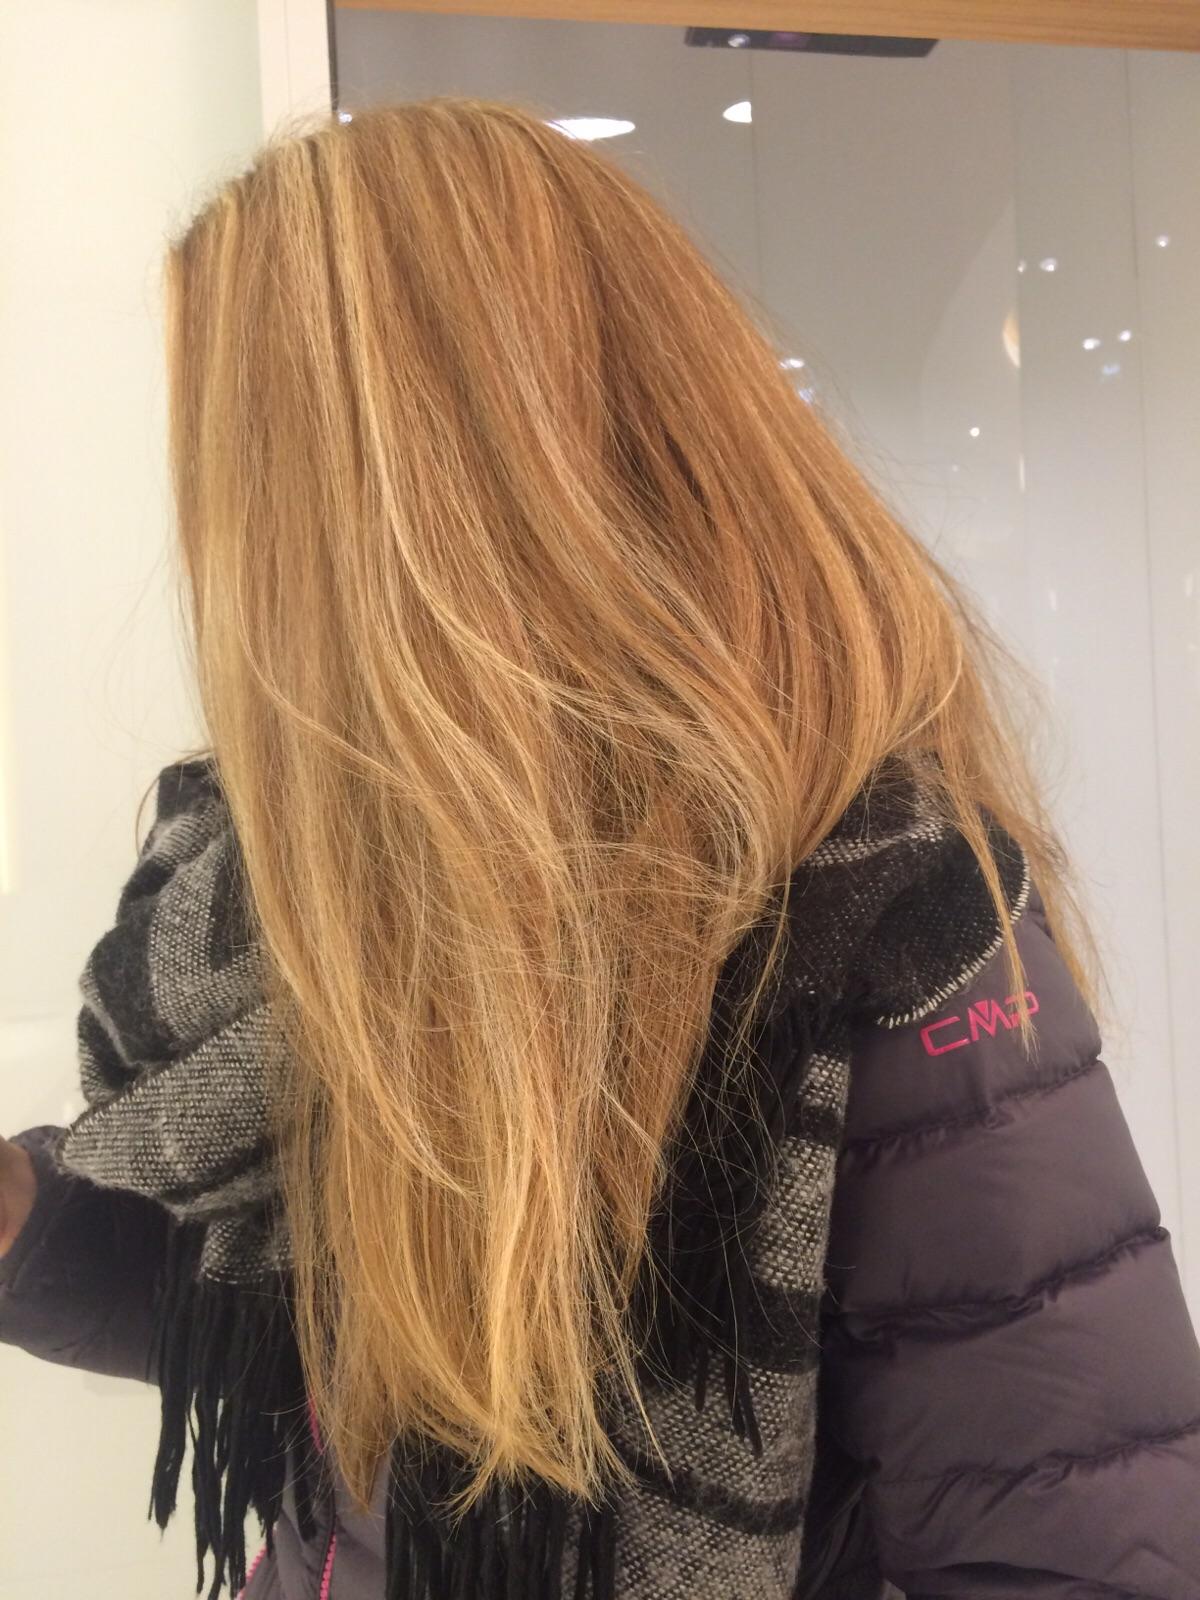 Ist es möglich über blonde Strähnen zu färben? (Haare